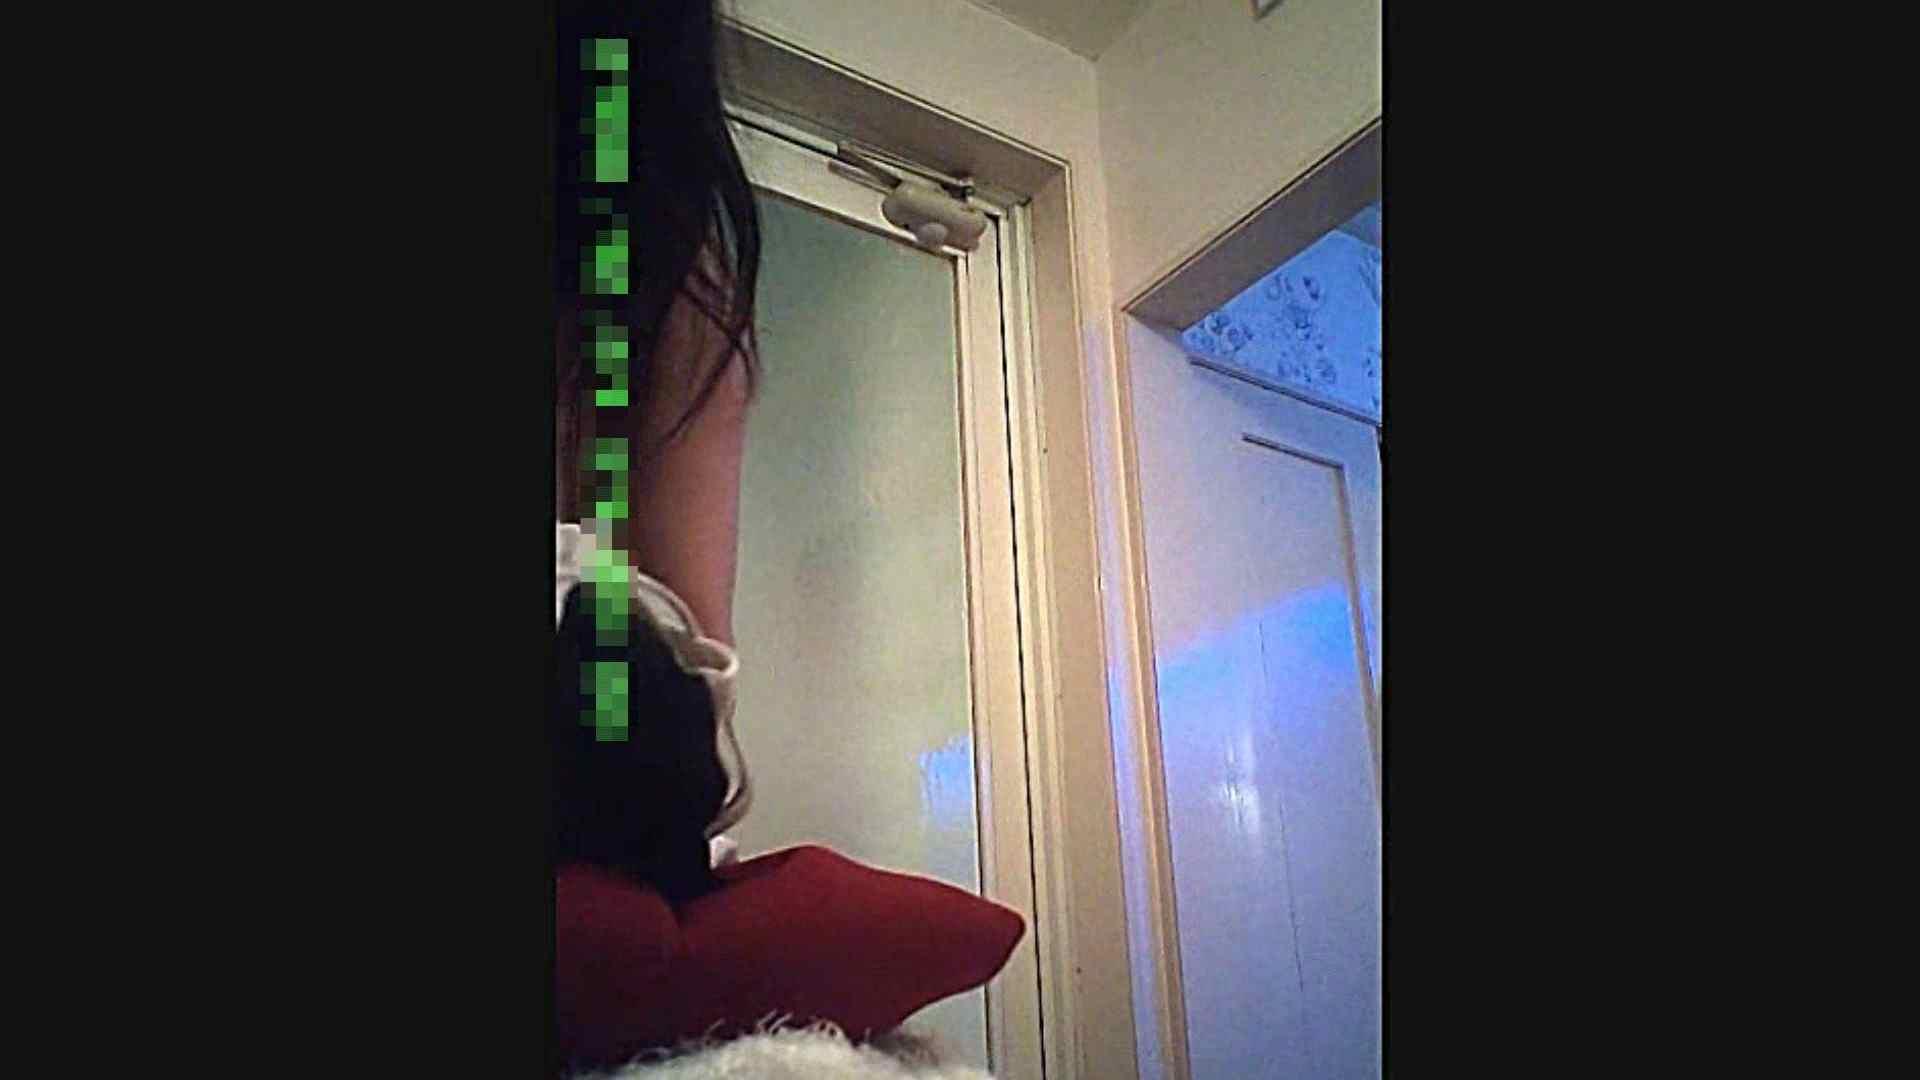 禁断、、塾講のおしえ子 (シリーズⅤ) とみちゃん  Vol.28 脱衣編 ギャル達 AV無料動画キャプチャ 82枚 54